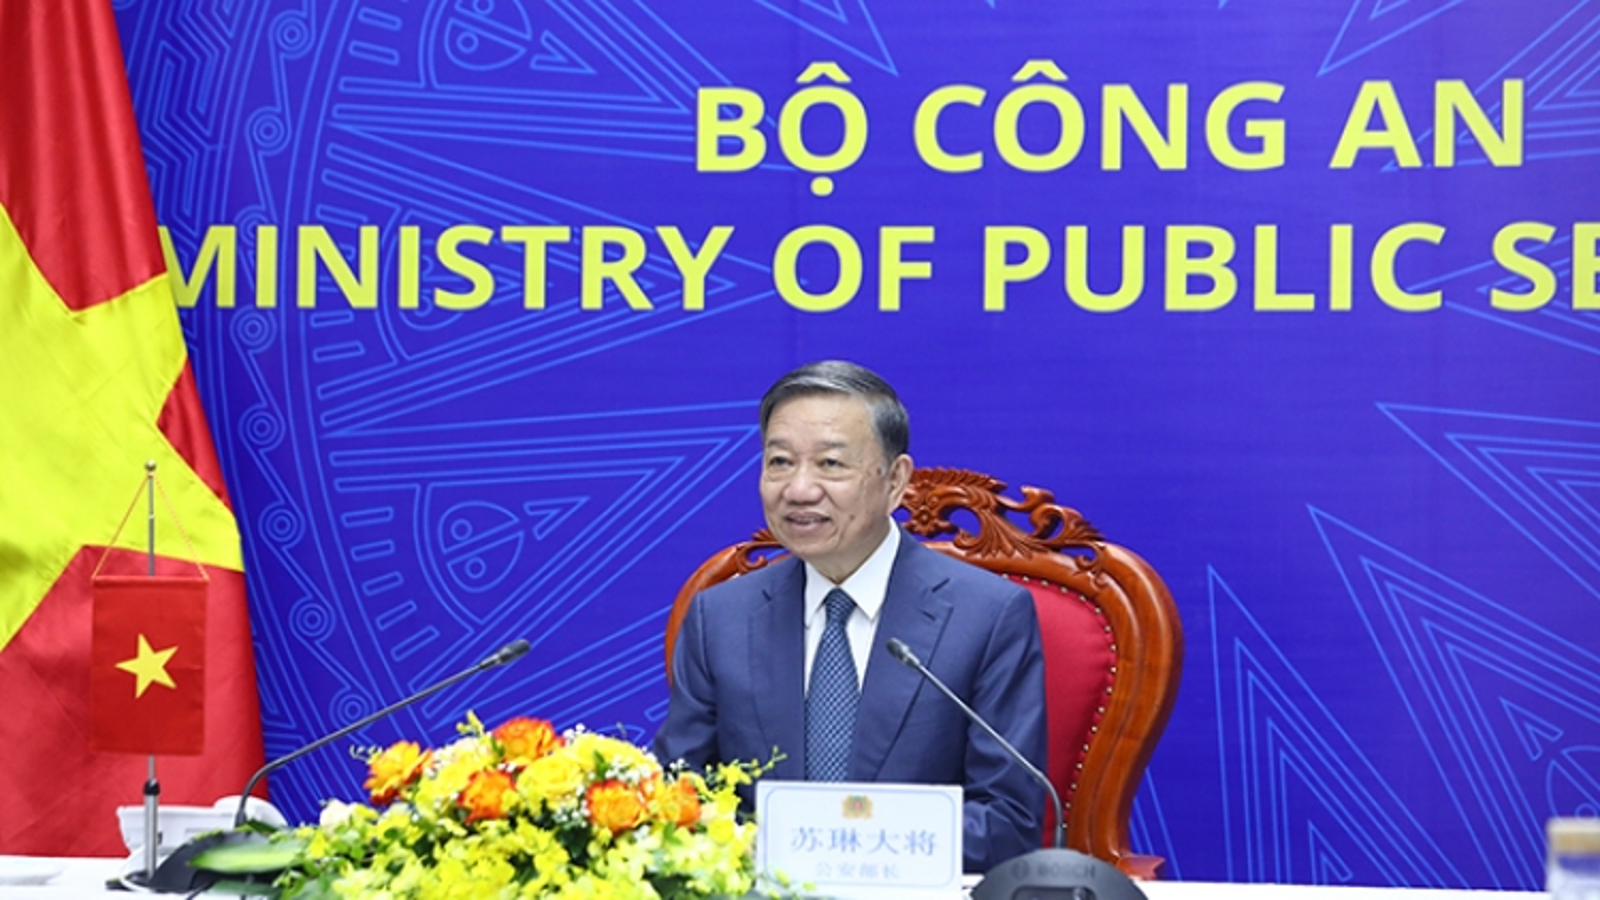 Bộ trưởng Tô Lâm hội đàm với Bí thư Ủy ban Chính pháp Trung Quốc Quách Thành Côn